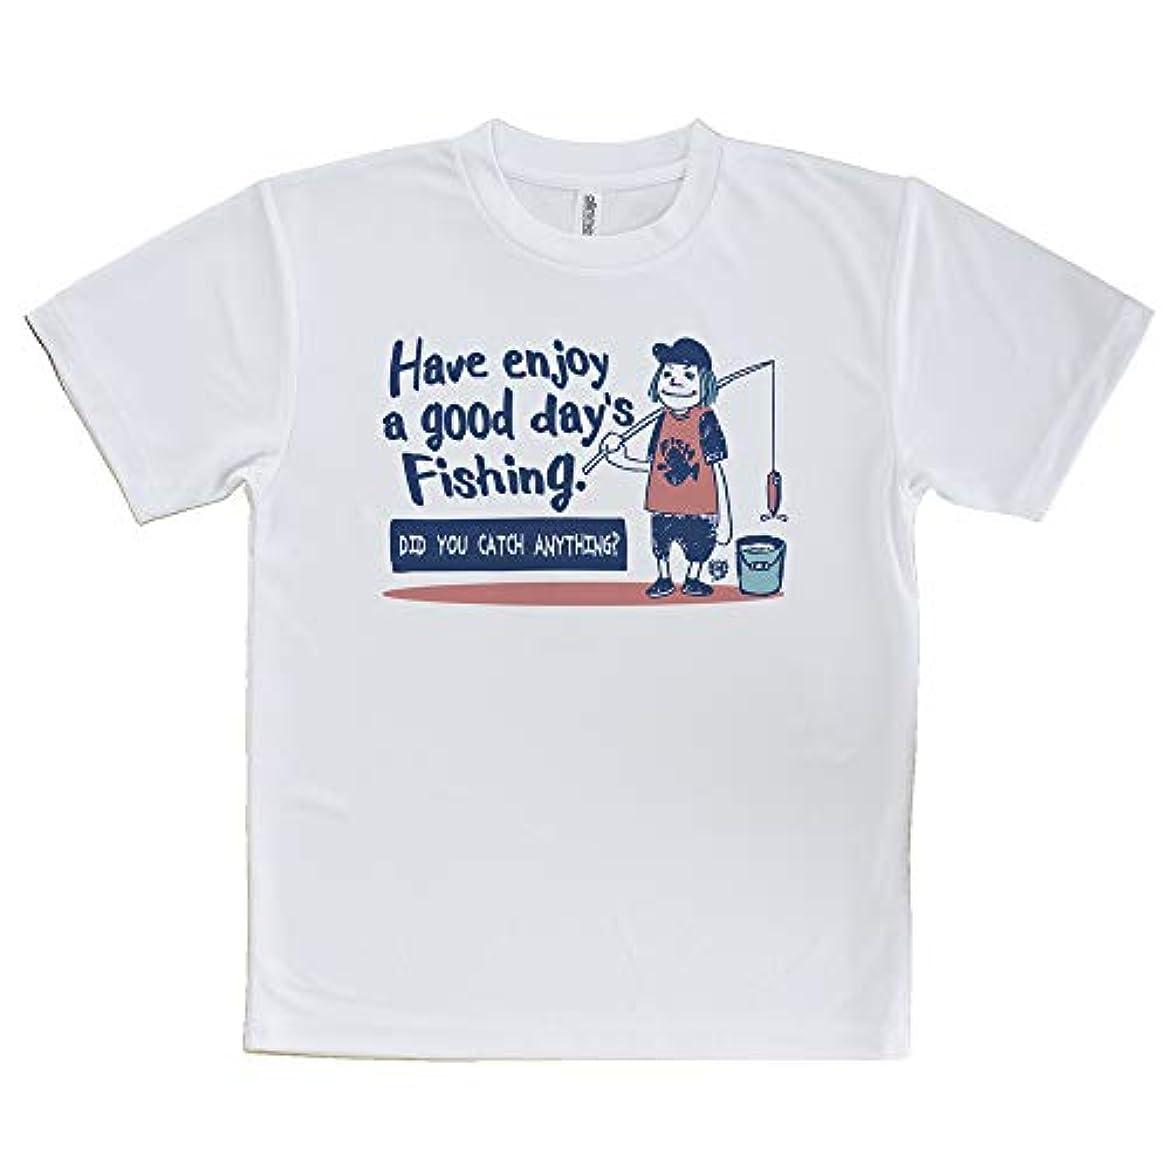 変化スクランブル身元AnglersLife Tシャツ 釣りざんまい 一日釣りを楽しむアングラー_レトロ United Athle(ユナイテッドアスレ) ホワイト 白 ポリエステル100% 4.1oz UTF30